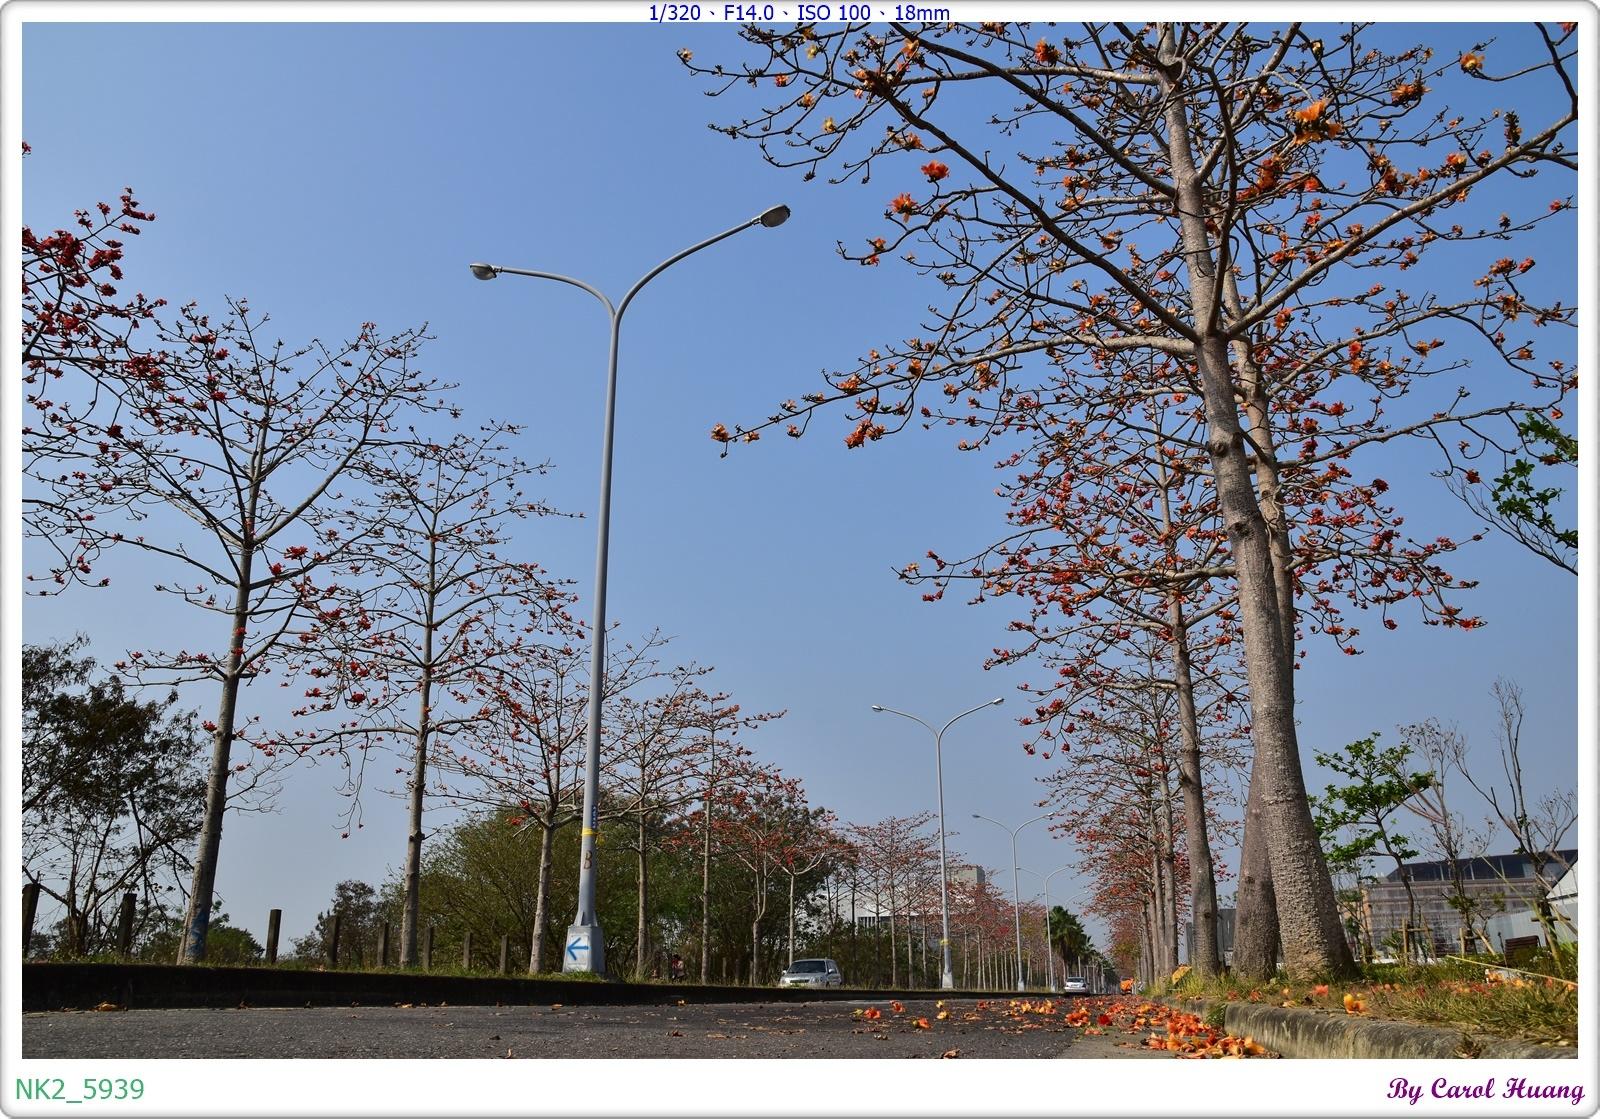 NK2_5939.JPG